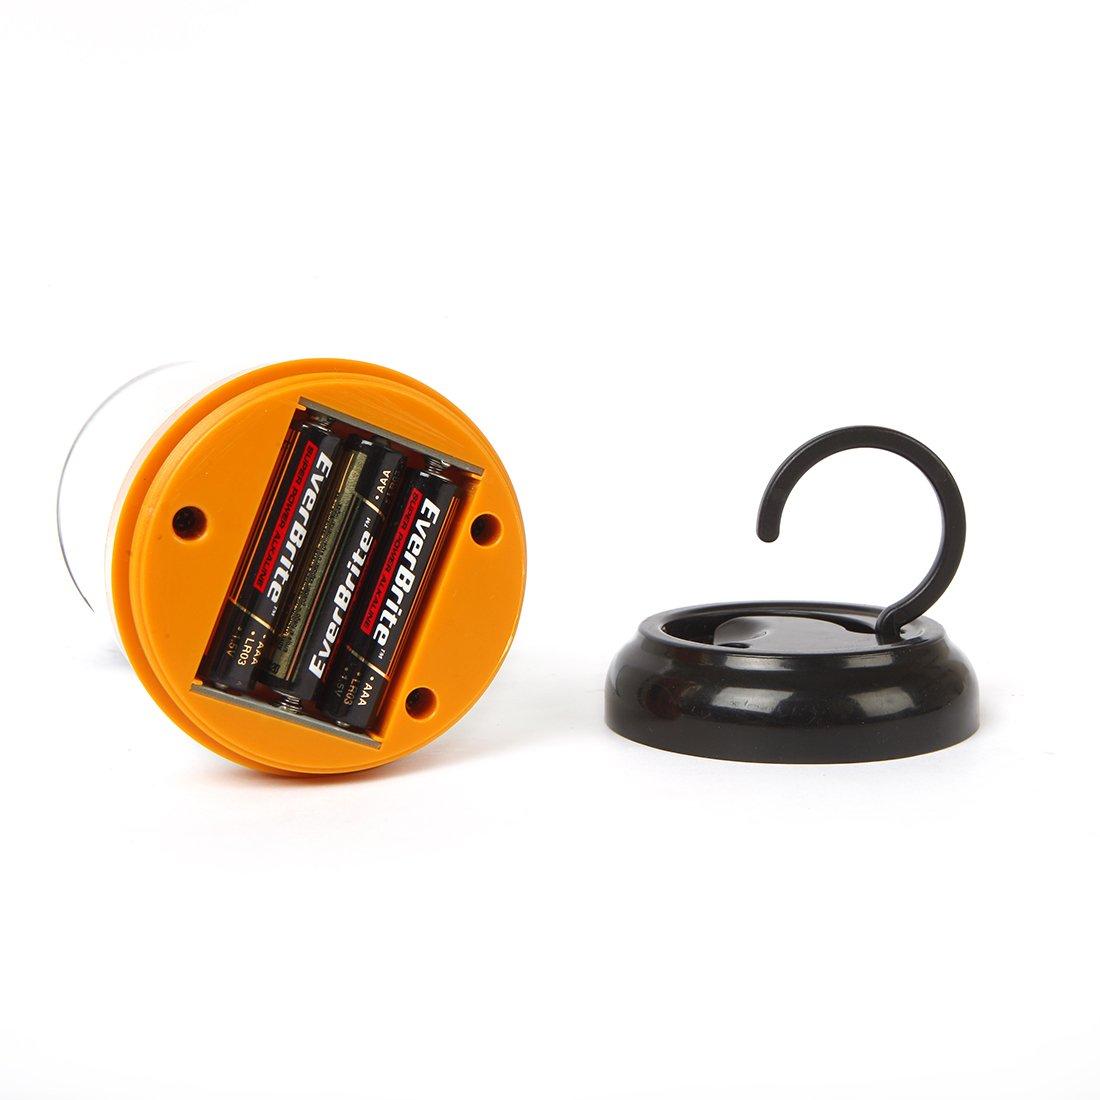 Lampe Portable EverBrite Lot de 2 Lanternes Camping LED Lumi/ère Puissante 300 Usage Urgent P/êche 150 Lumens Etanche Id/éal pour Bivouac Randonn/ée